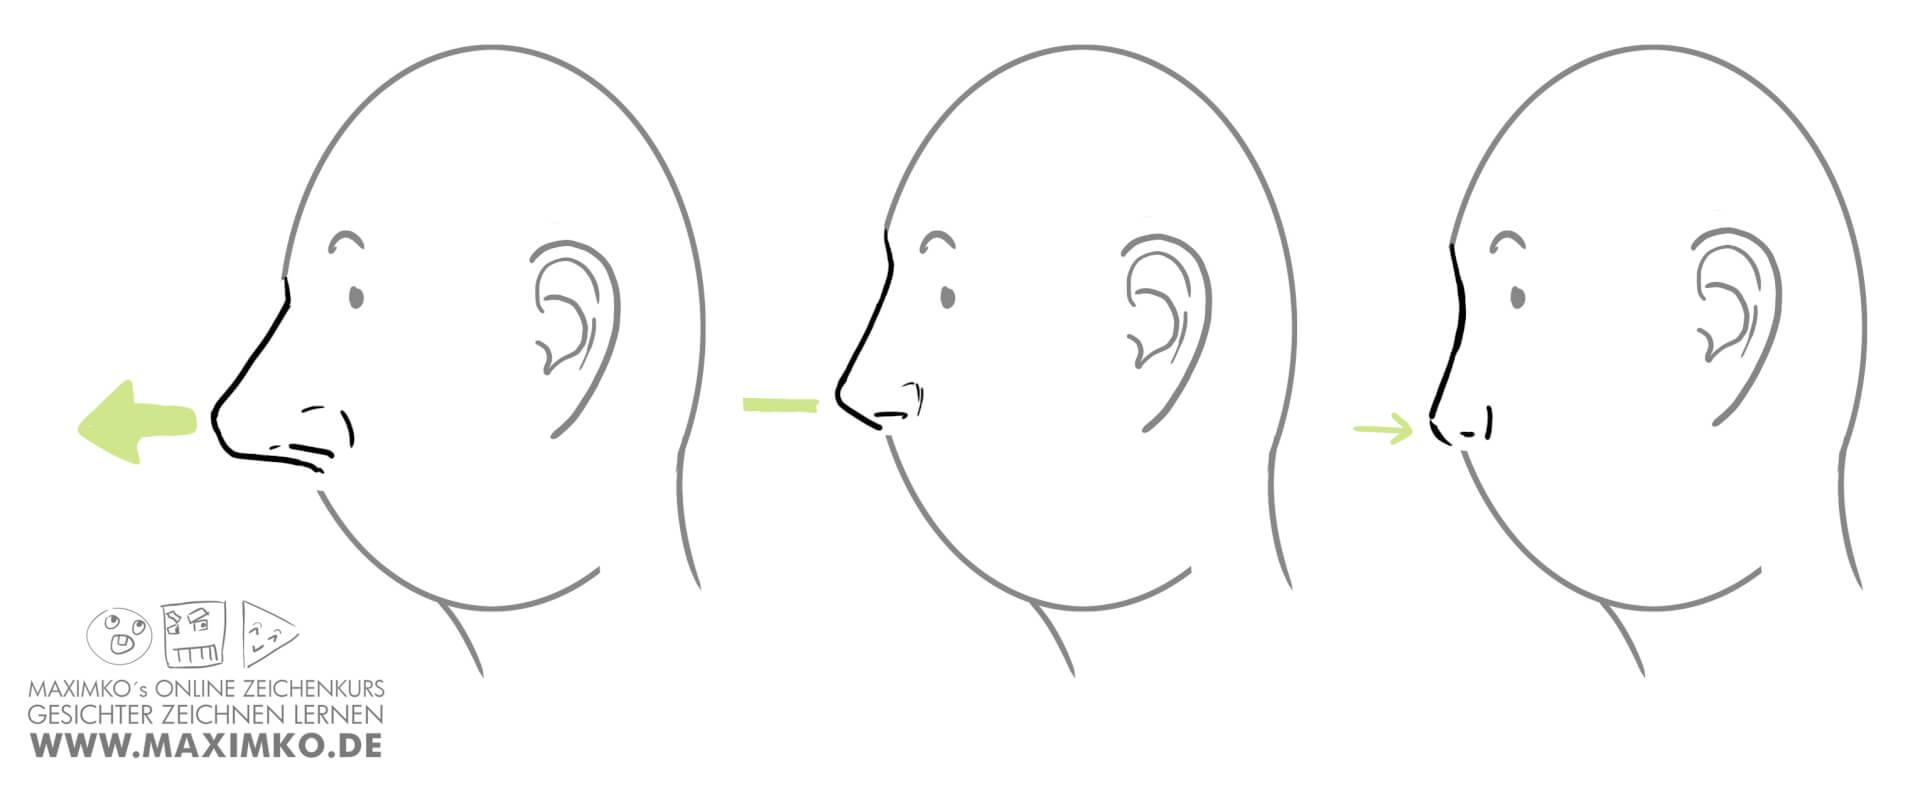 nase zeichnen lernen tutorial online kurs workshop abstehende nase flache nase maximko